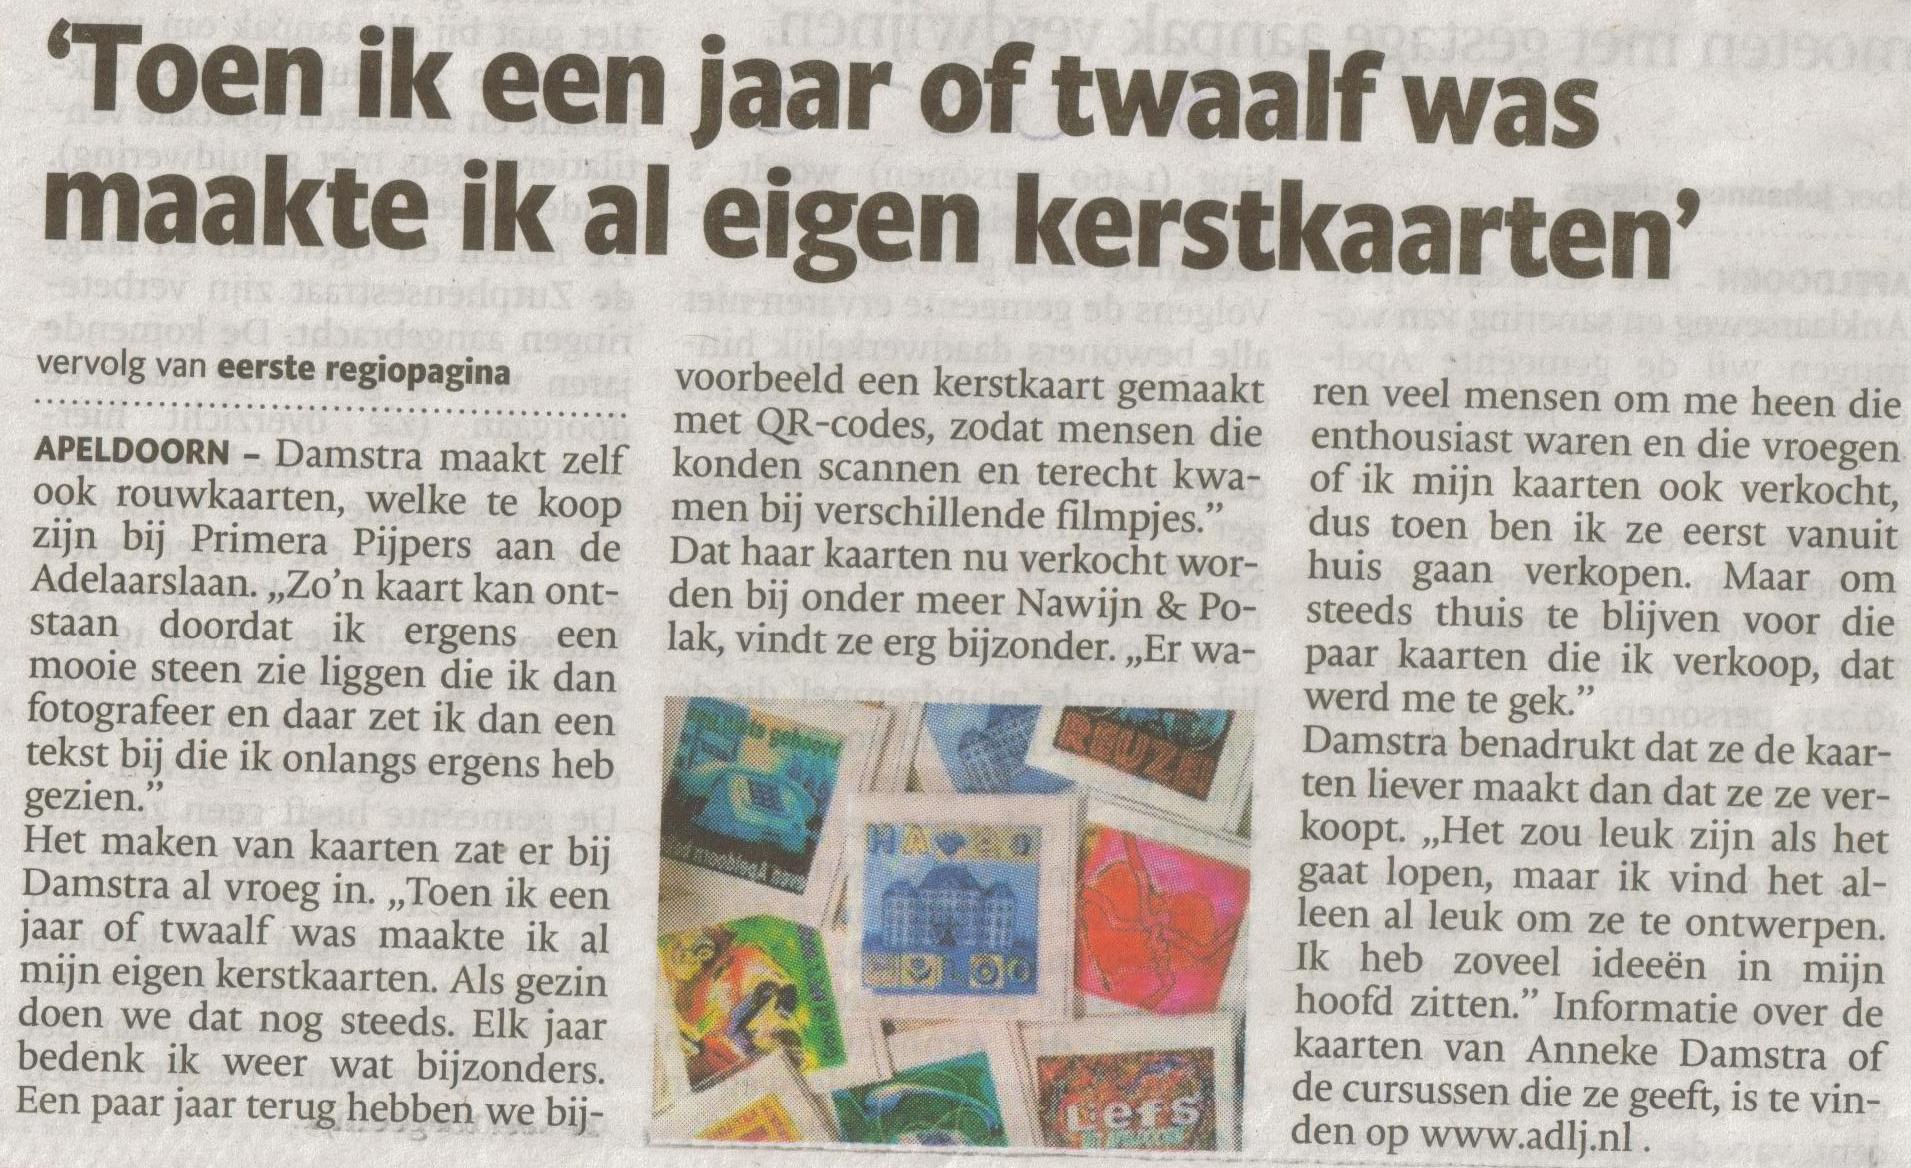 Bron: De Stentor Apeldoorn 3 augustus 2013